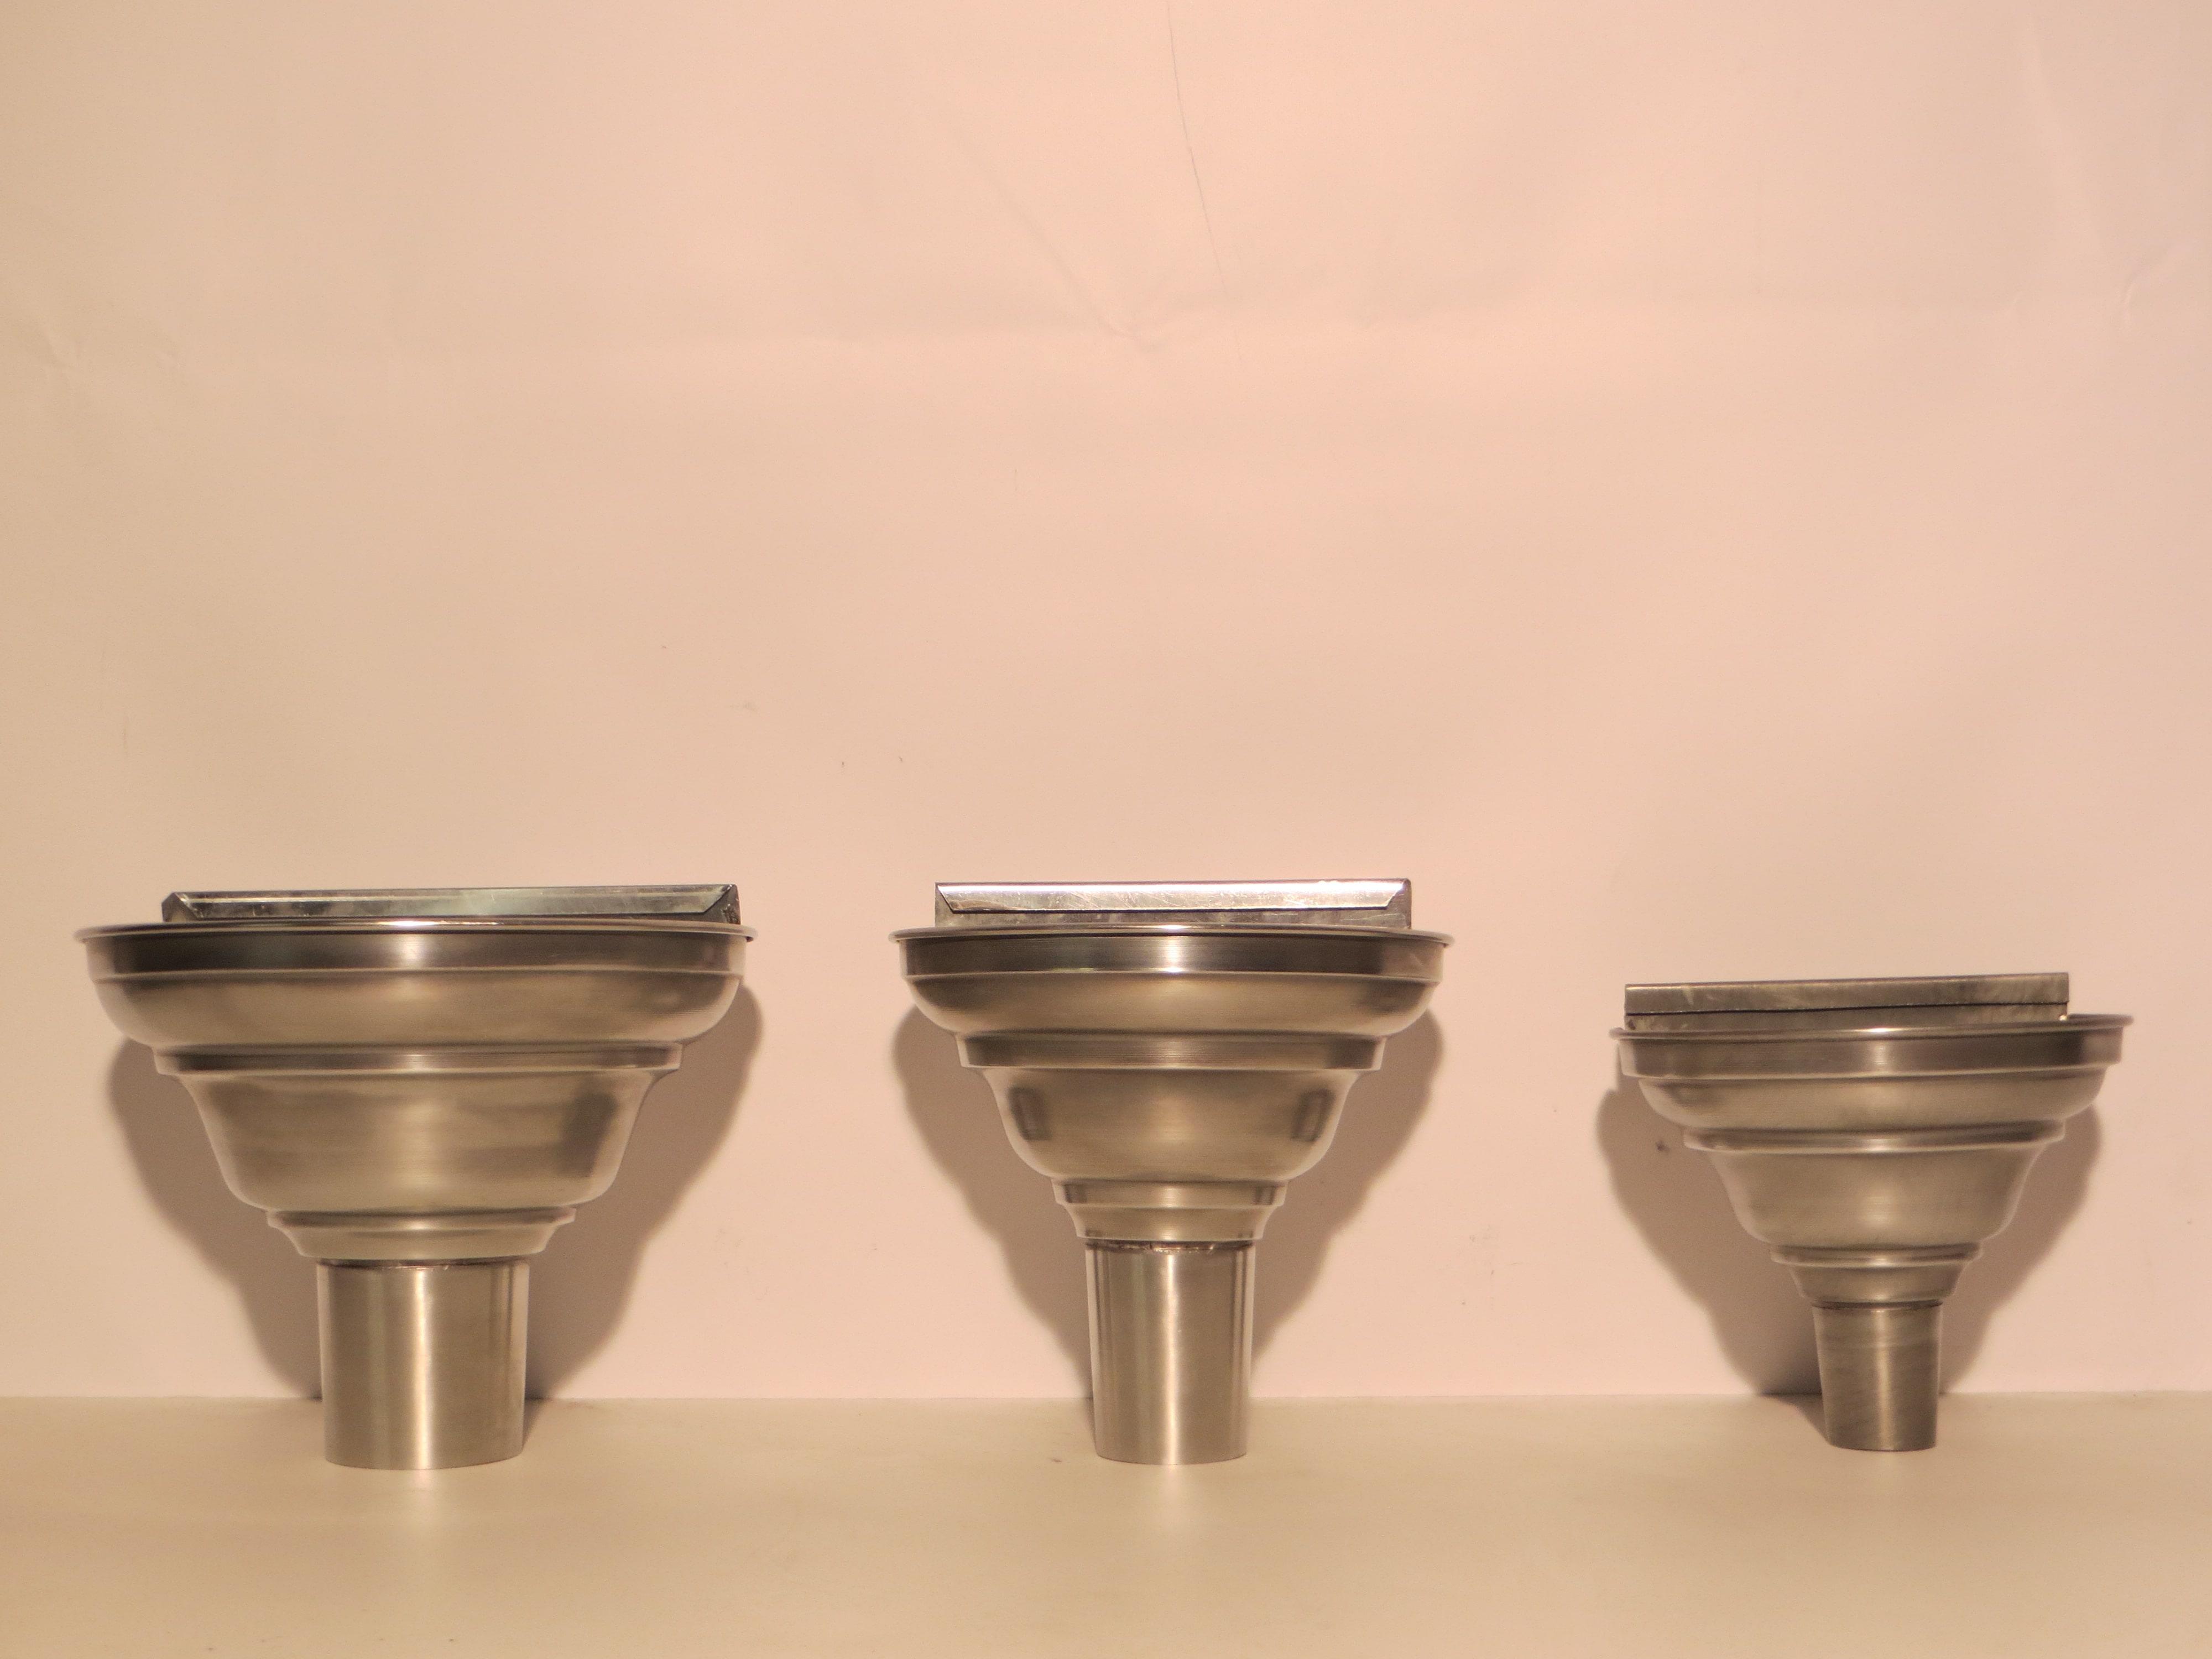 Les accessoires d 39 ornementation pour toitures en zinc ou for Descente eau pluviale zinc